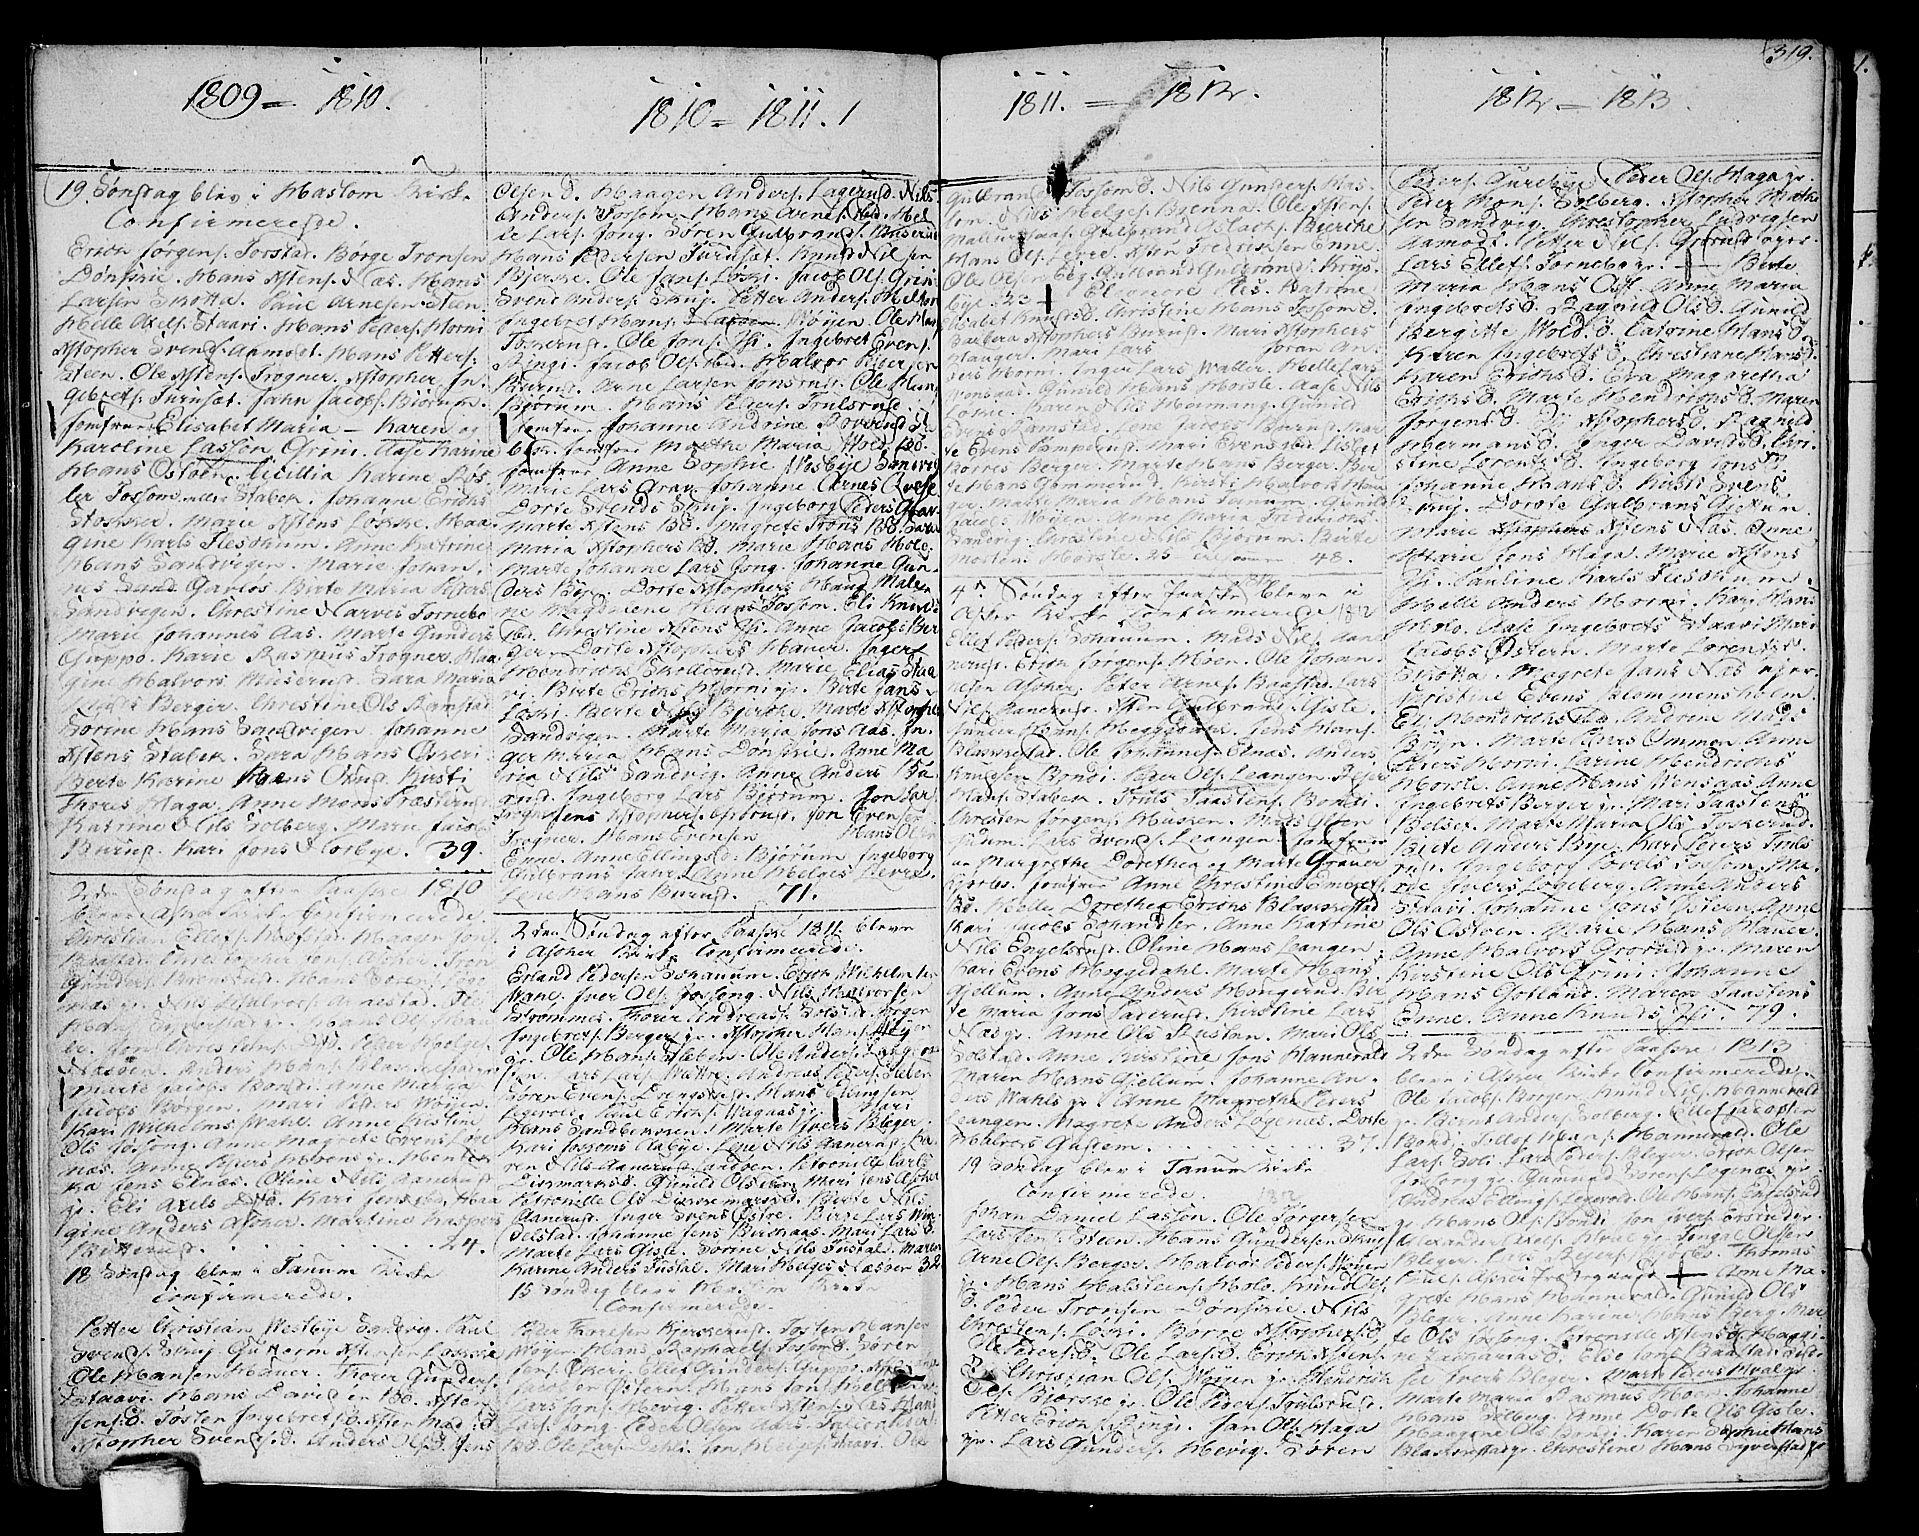 SAO, Asker prestekontor Kirkebøker, F/Fa/L0005: Ministerialbok nr. I 5, 1807-1813, s. 319